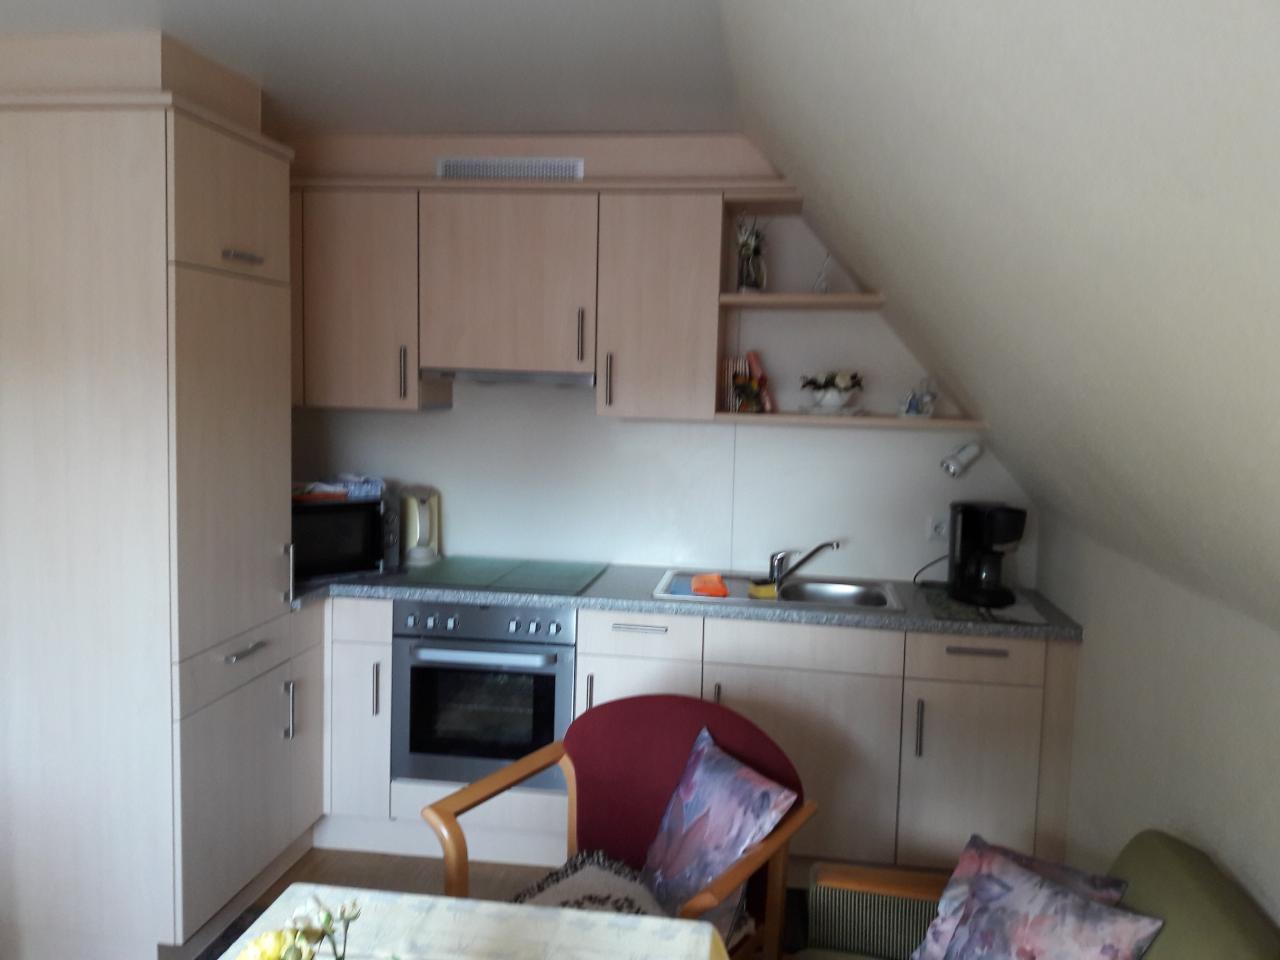 Kochnische - Herd mit Ceranplatte, Mikrowelle, Wasserkocher, Kühlschrank mit Gefrierfach und viele